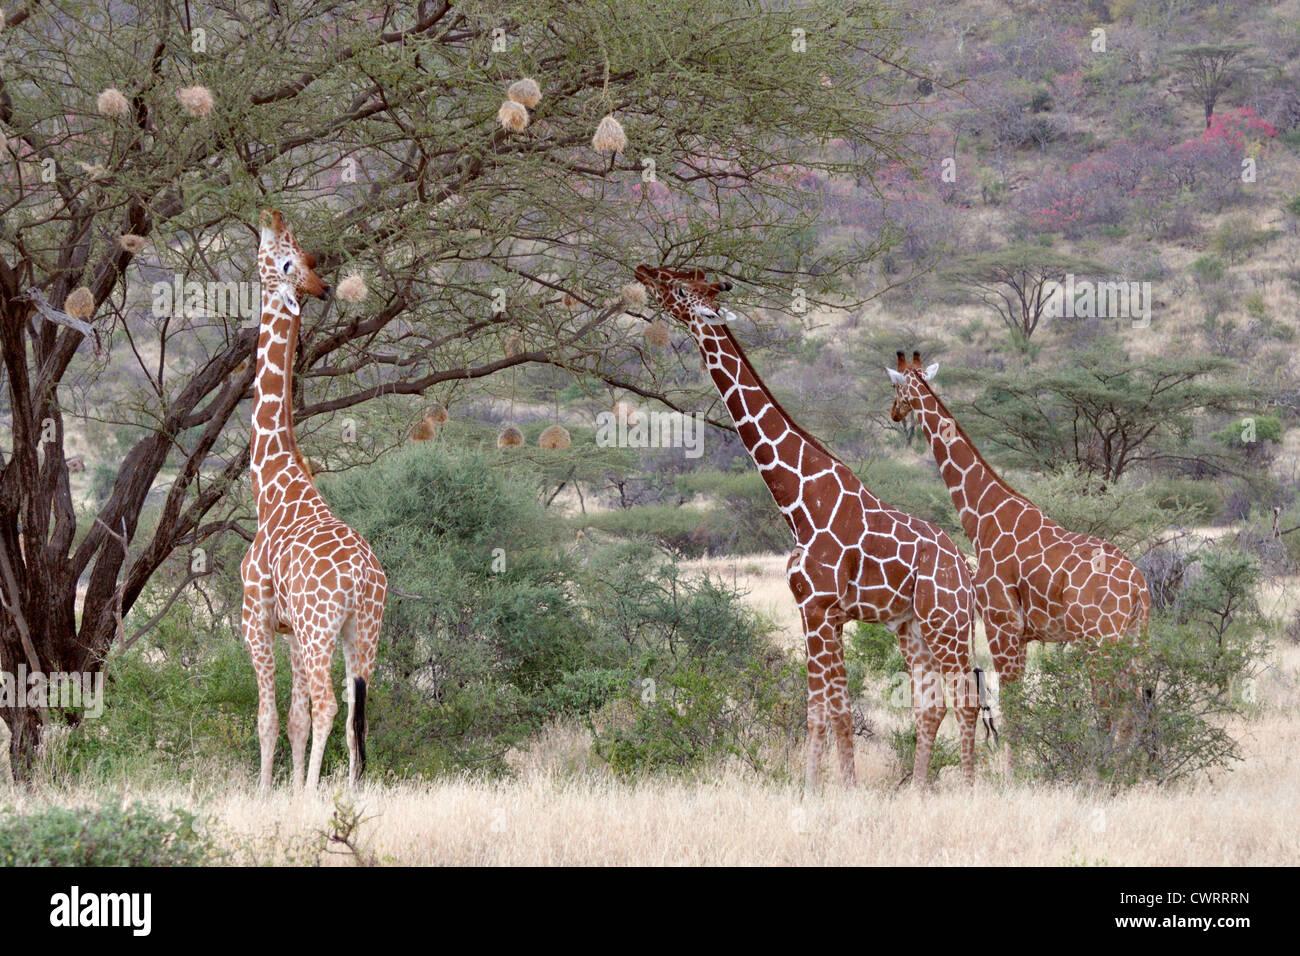 L'alimentation des girafes réticulée Banque D'Images